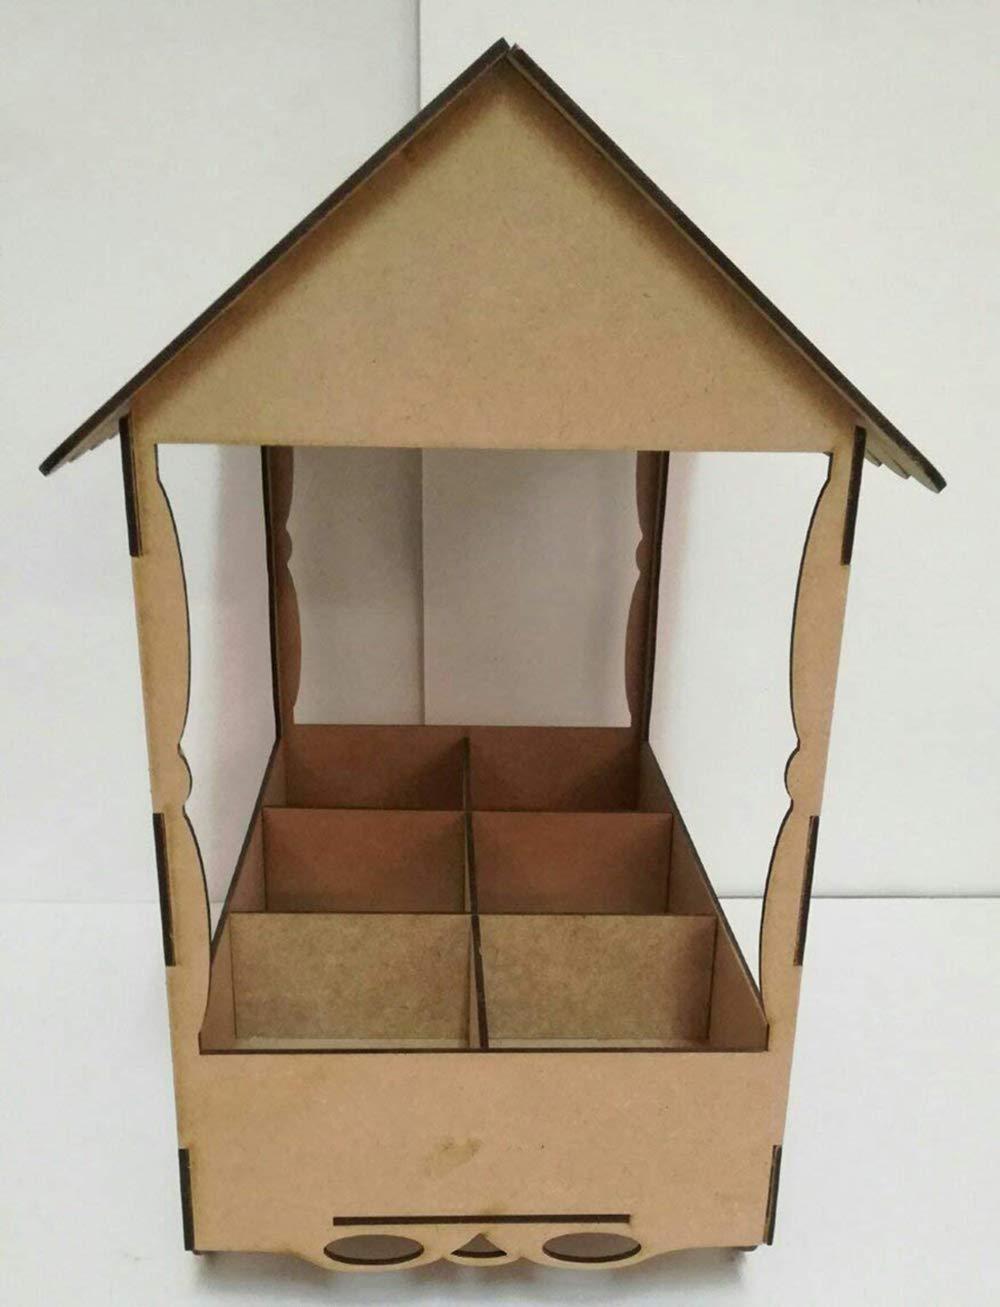 Kit para hacer carrito de chuches de madera DM para candy bar mesa dulce. Medidas:44cm de alto x 35 cm de ancho x 20 cm de fondo: Amazon.es: Hogar